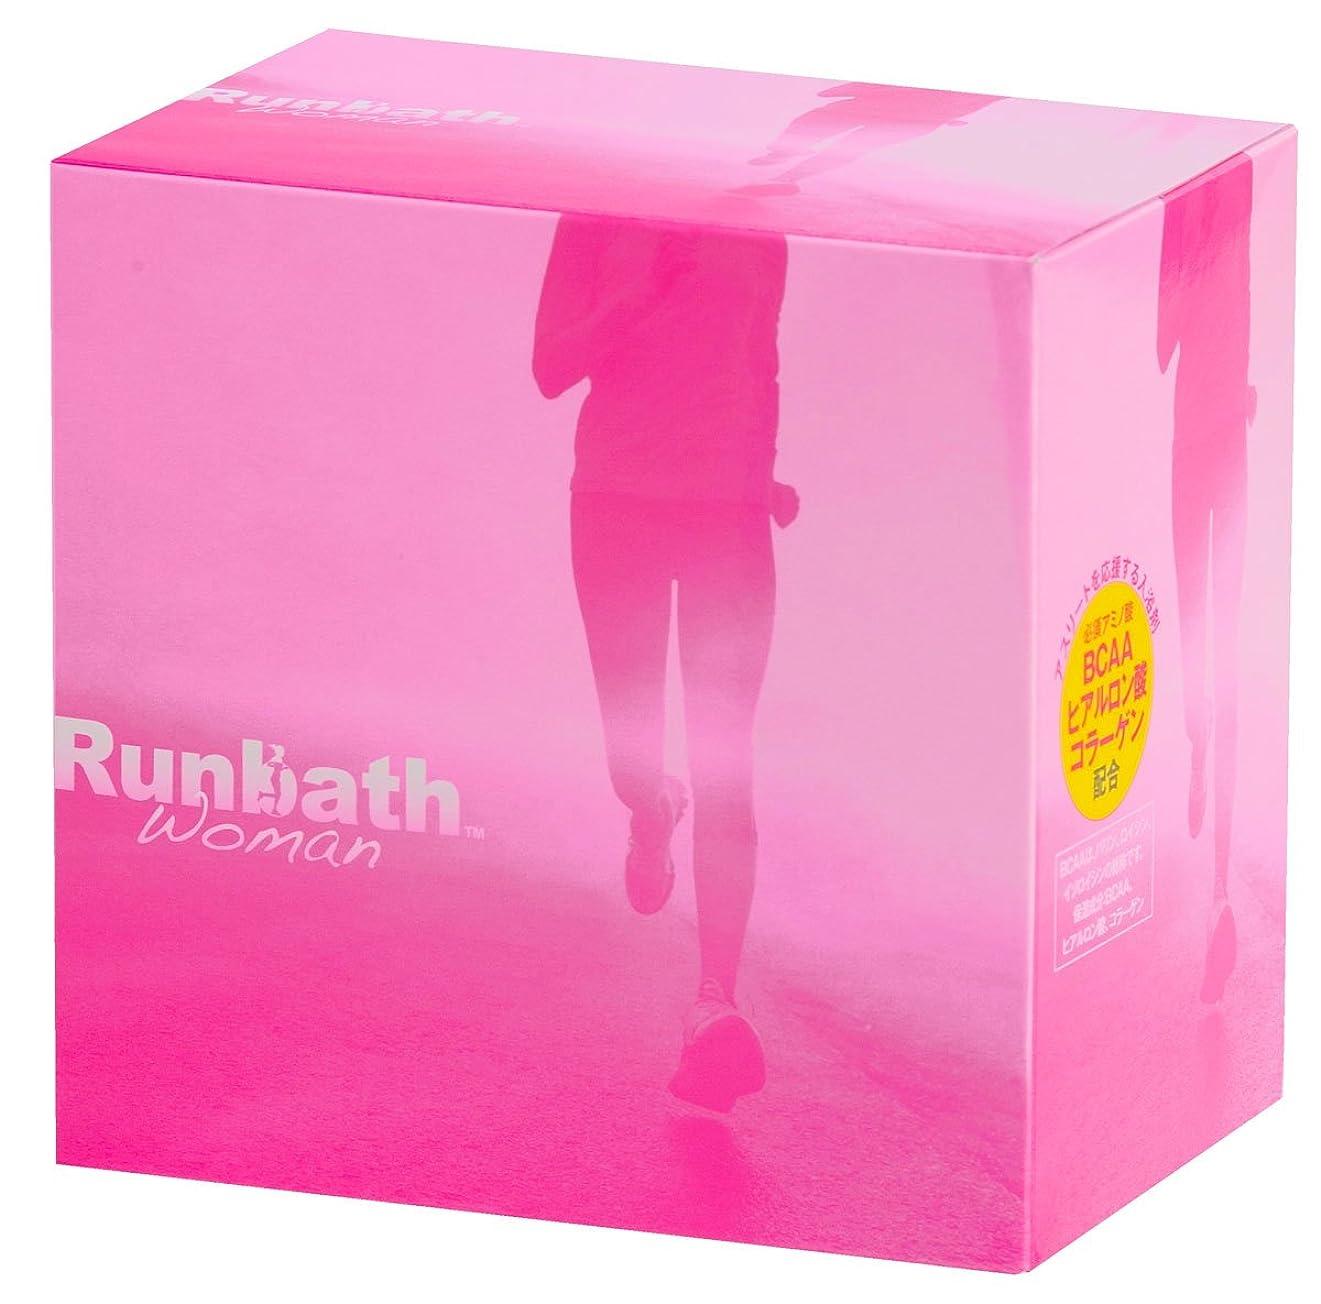 あたり施設チャレンジRunbath Woman ランバスウーマン